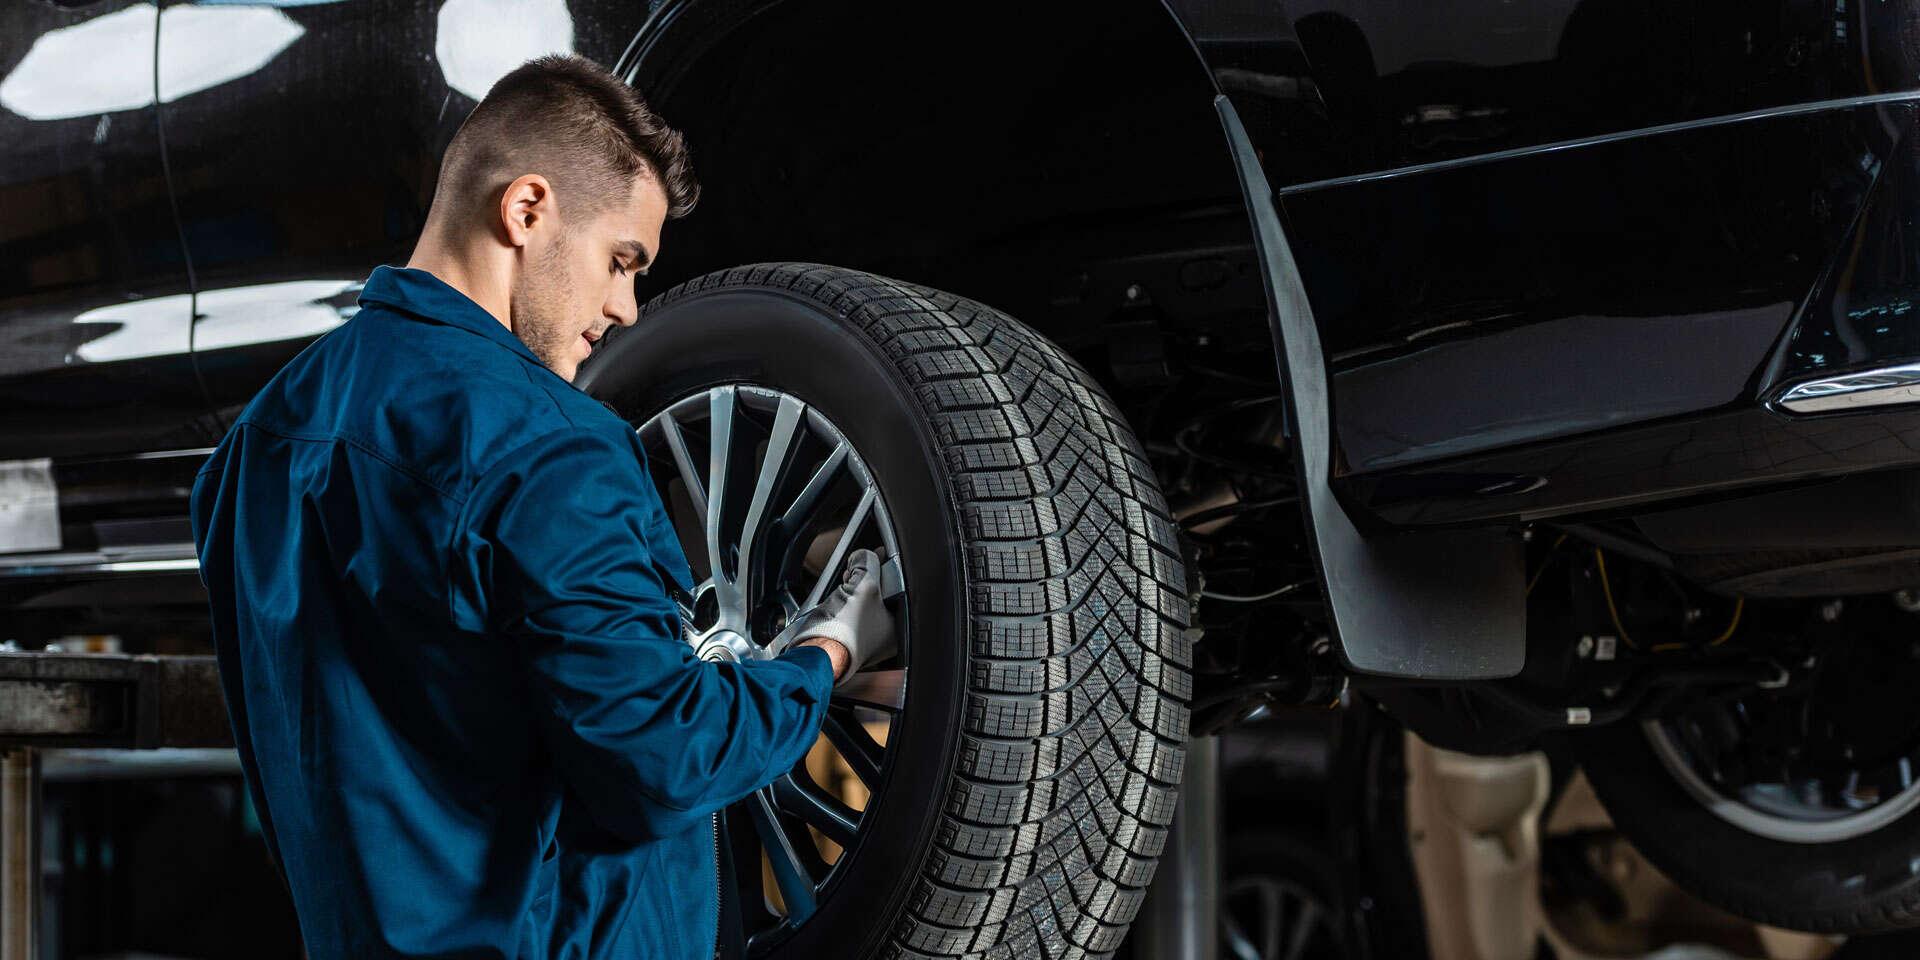 Kompletné prezutie vozidla s vyvážením pneumatík